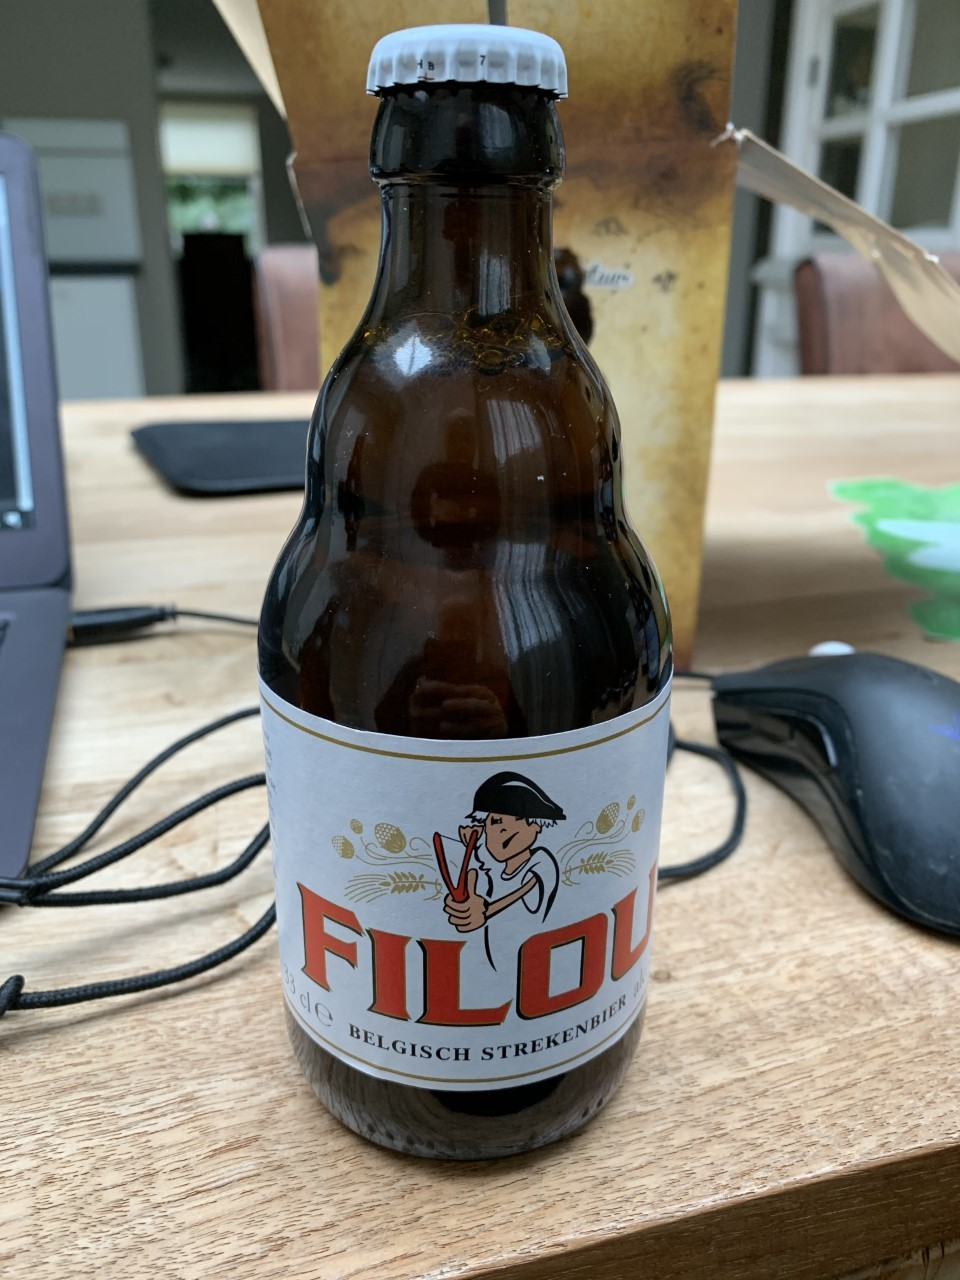 Filou